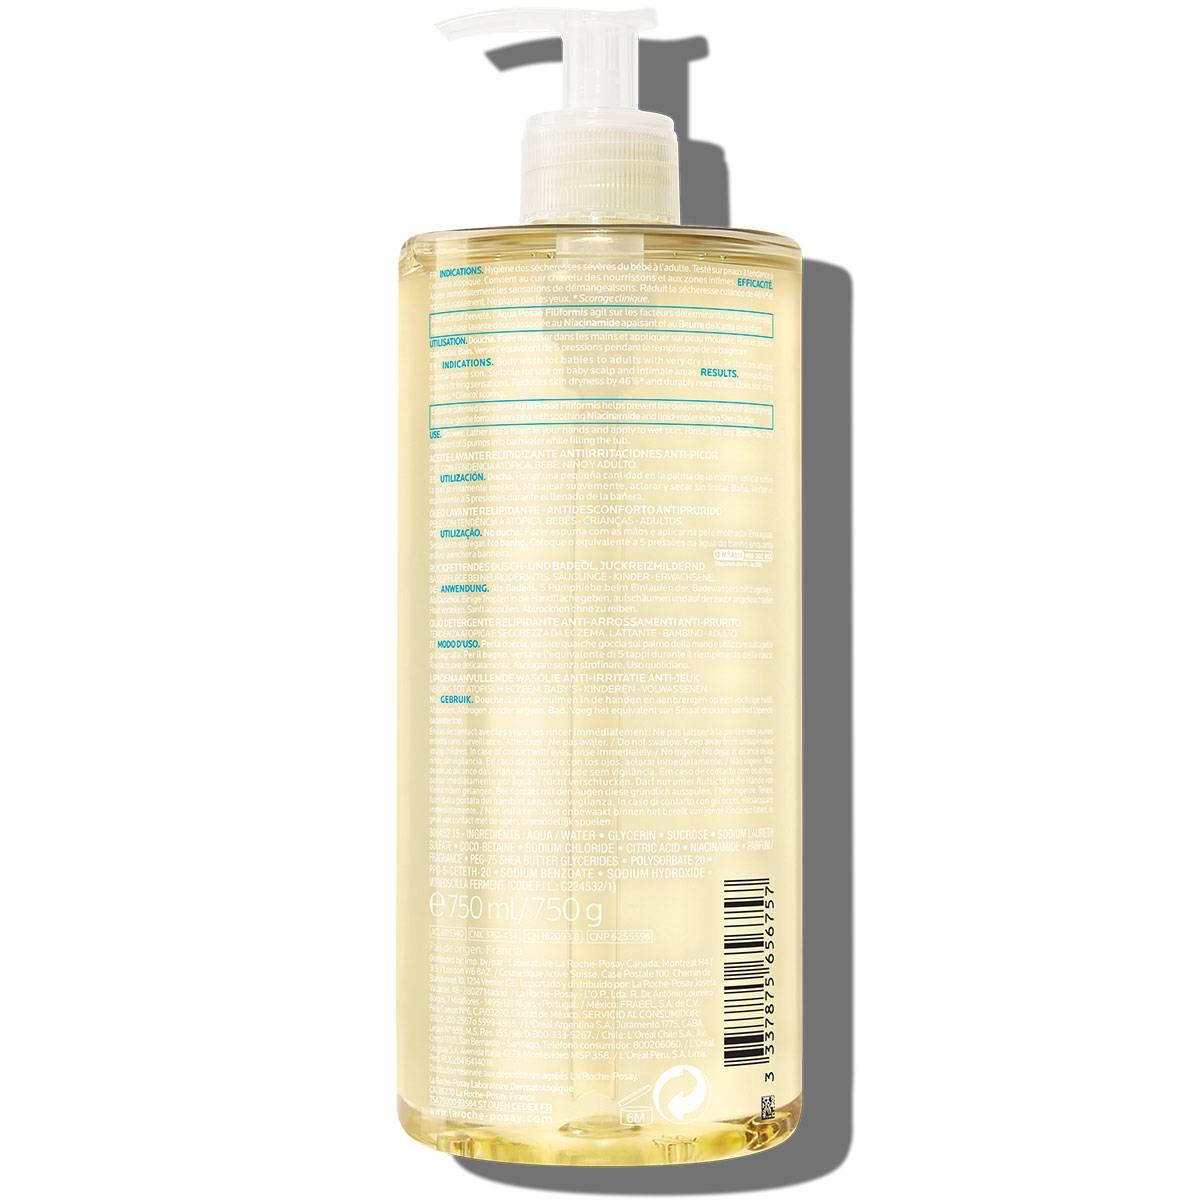 Egzema Lipikar Olejek myjący AP 750 ml | La Roche Posay